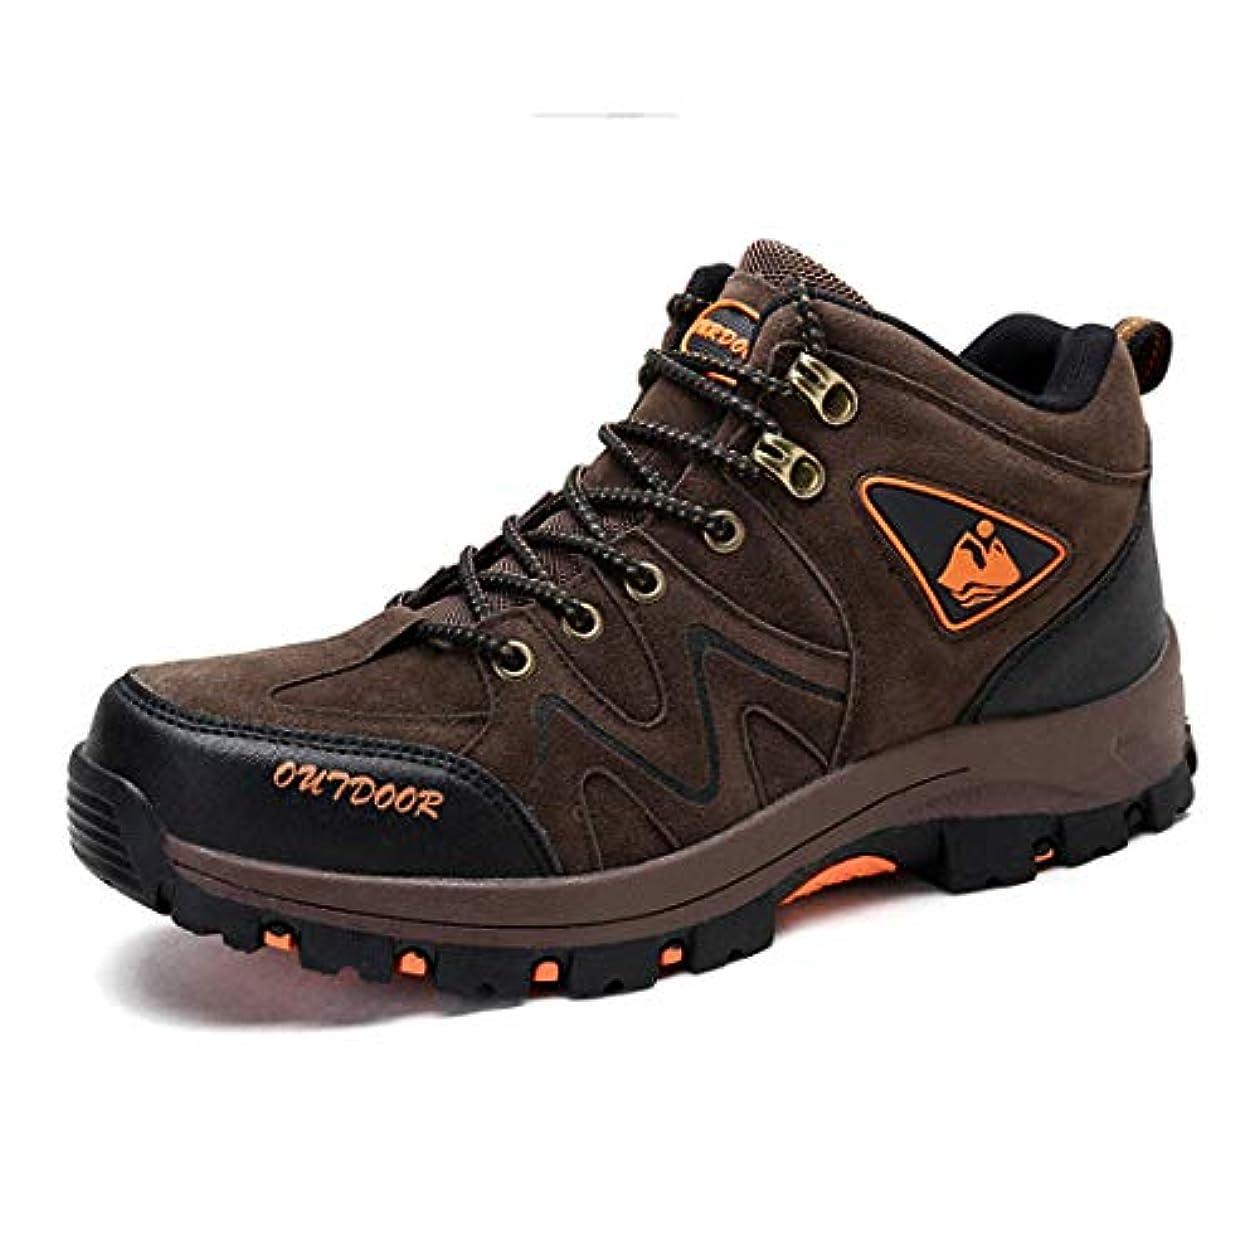 限られた学士ファウル登山靴トレッキングシューズ皮革ハイキングシューズ アウトドアシューズアウトドア キャンプ シューズ メンズ防水